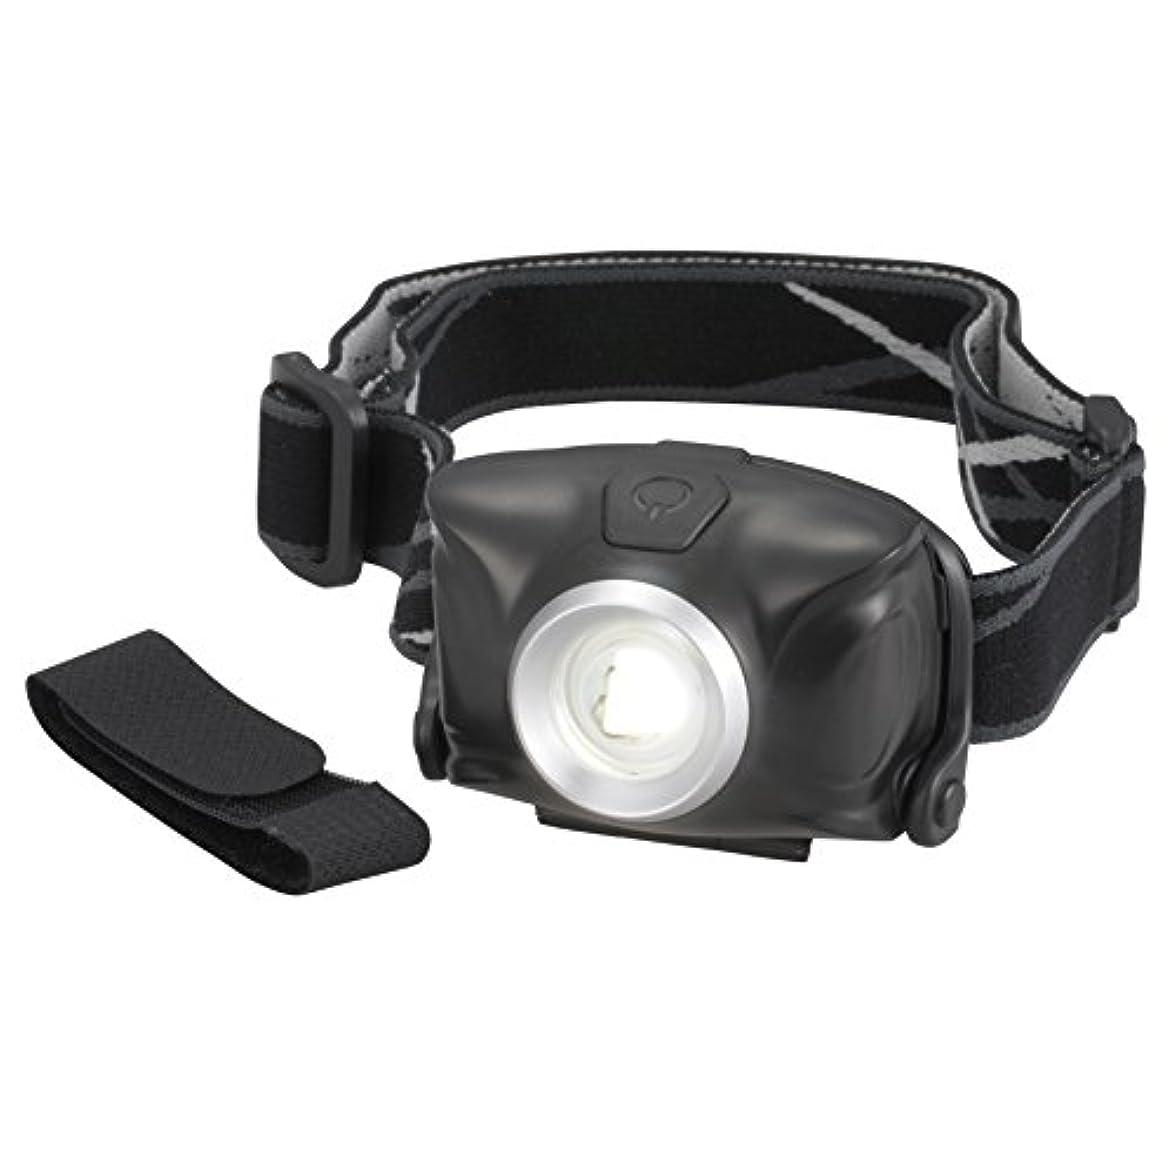 カメラ毎月徹底的にオーム電機 リュックバンド付 LEDヘッドライト 単4形*3本使用 ブラック LED-YH9-K LED-YH9-K